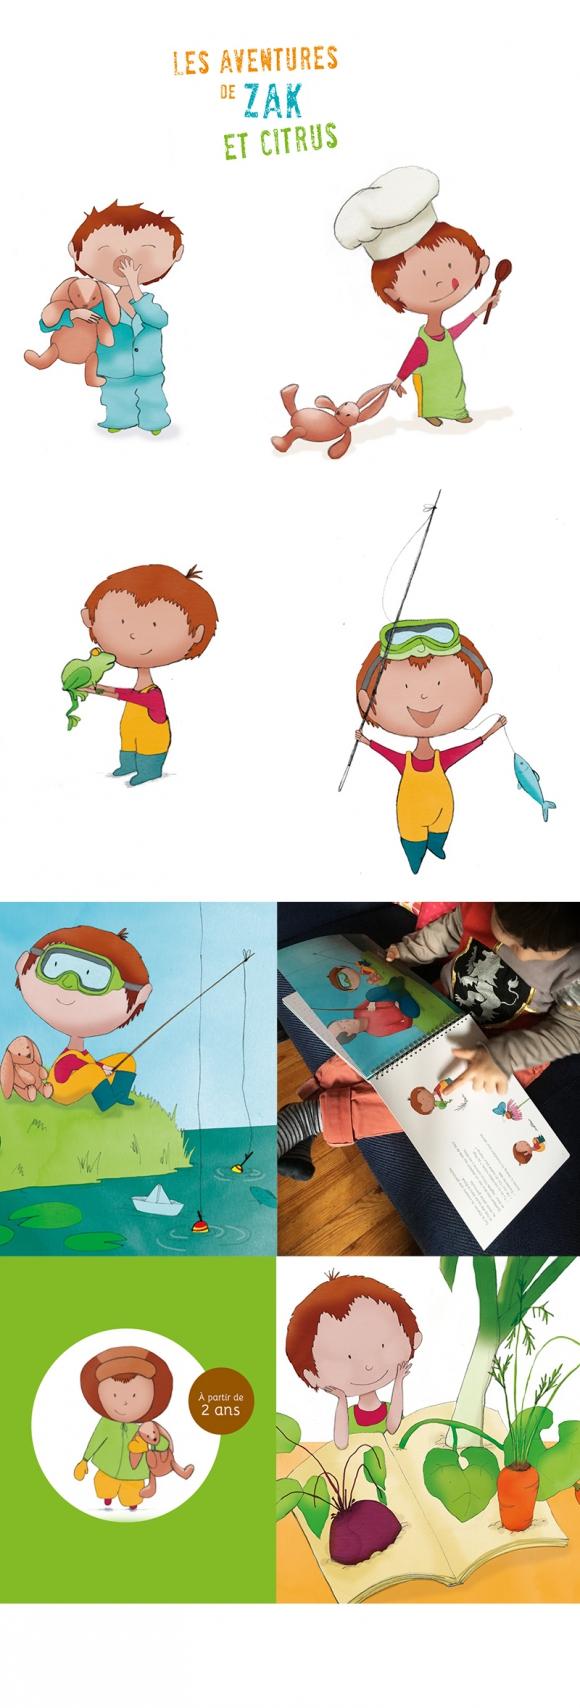 Illustration du livre Zak et Citrus pour l'association Sens et Savoirs. Sensibilisation à l'alimentation chez les 0-6 ans.